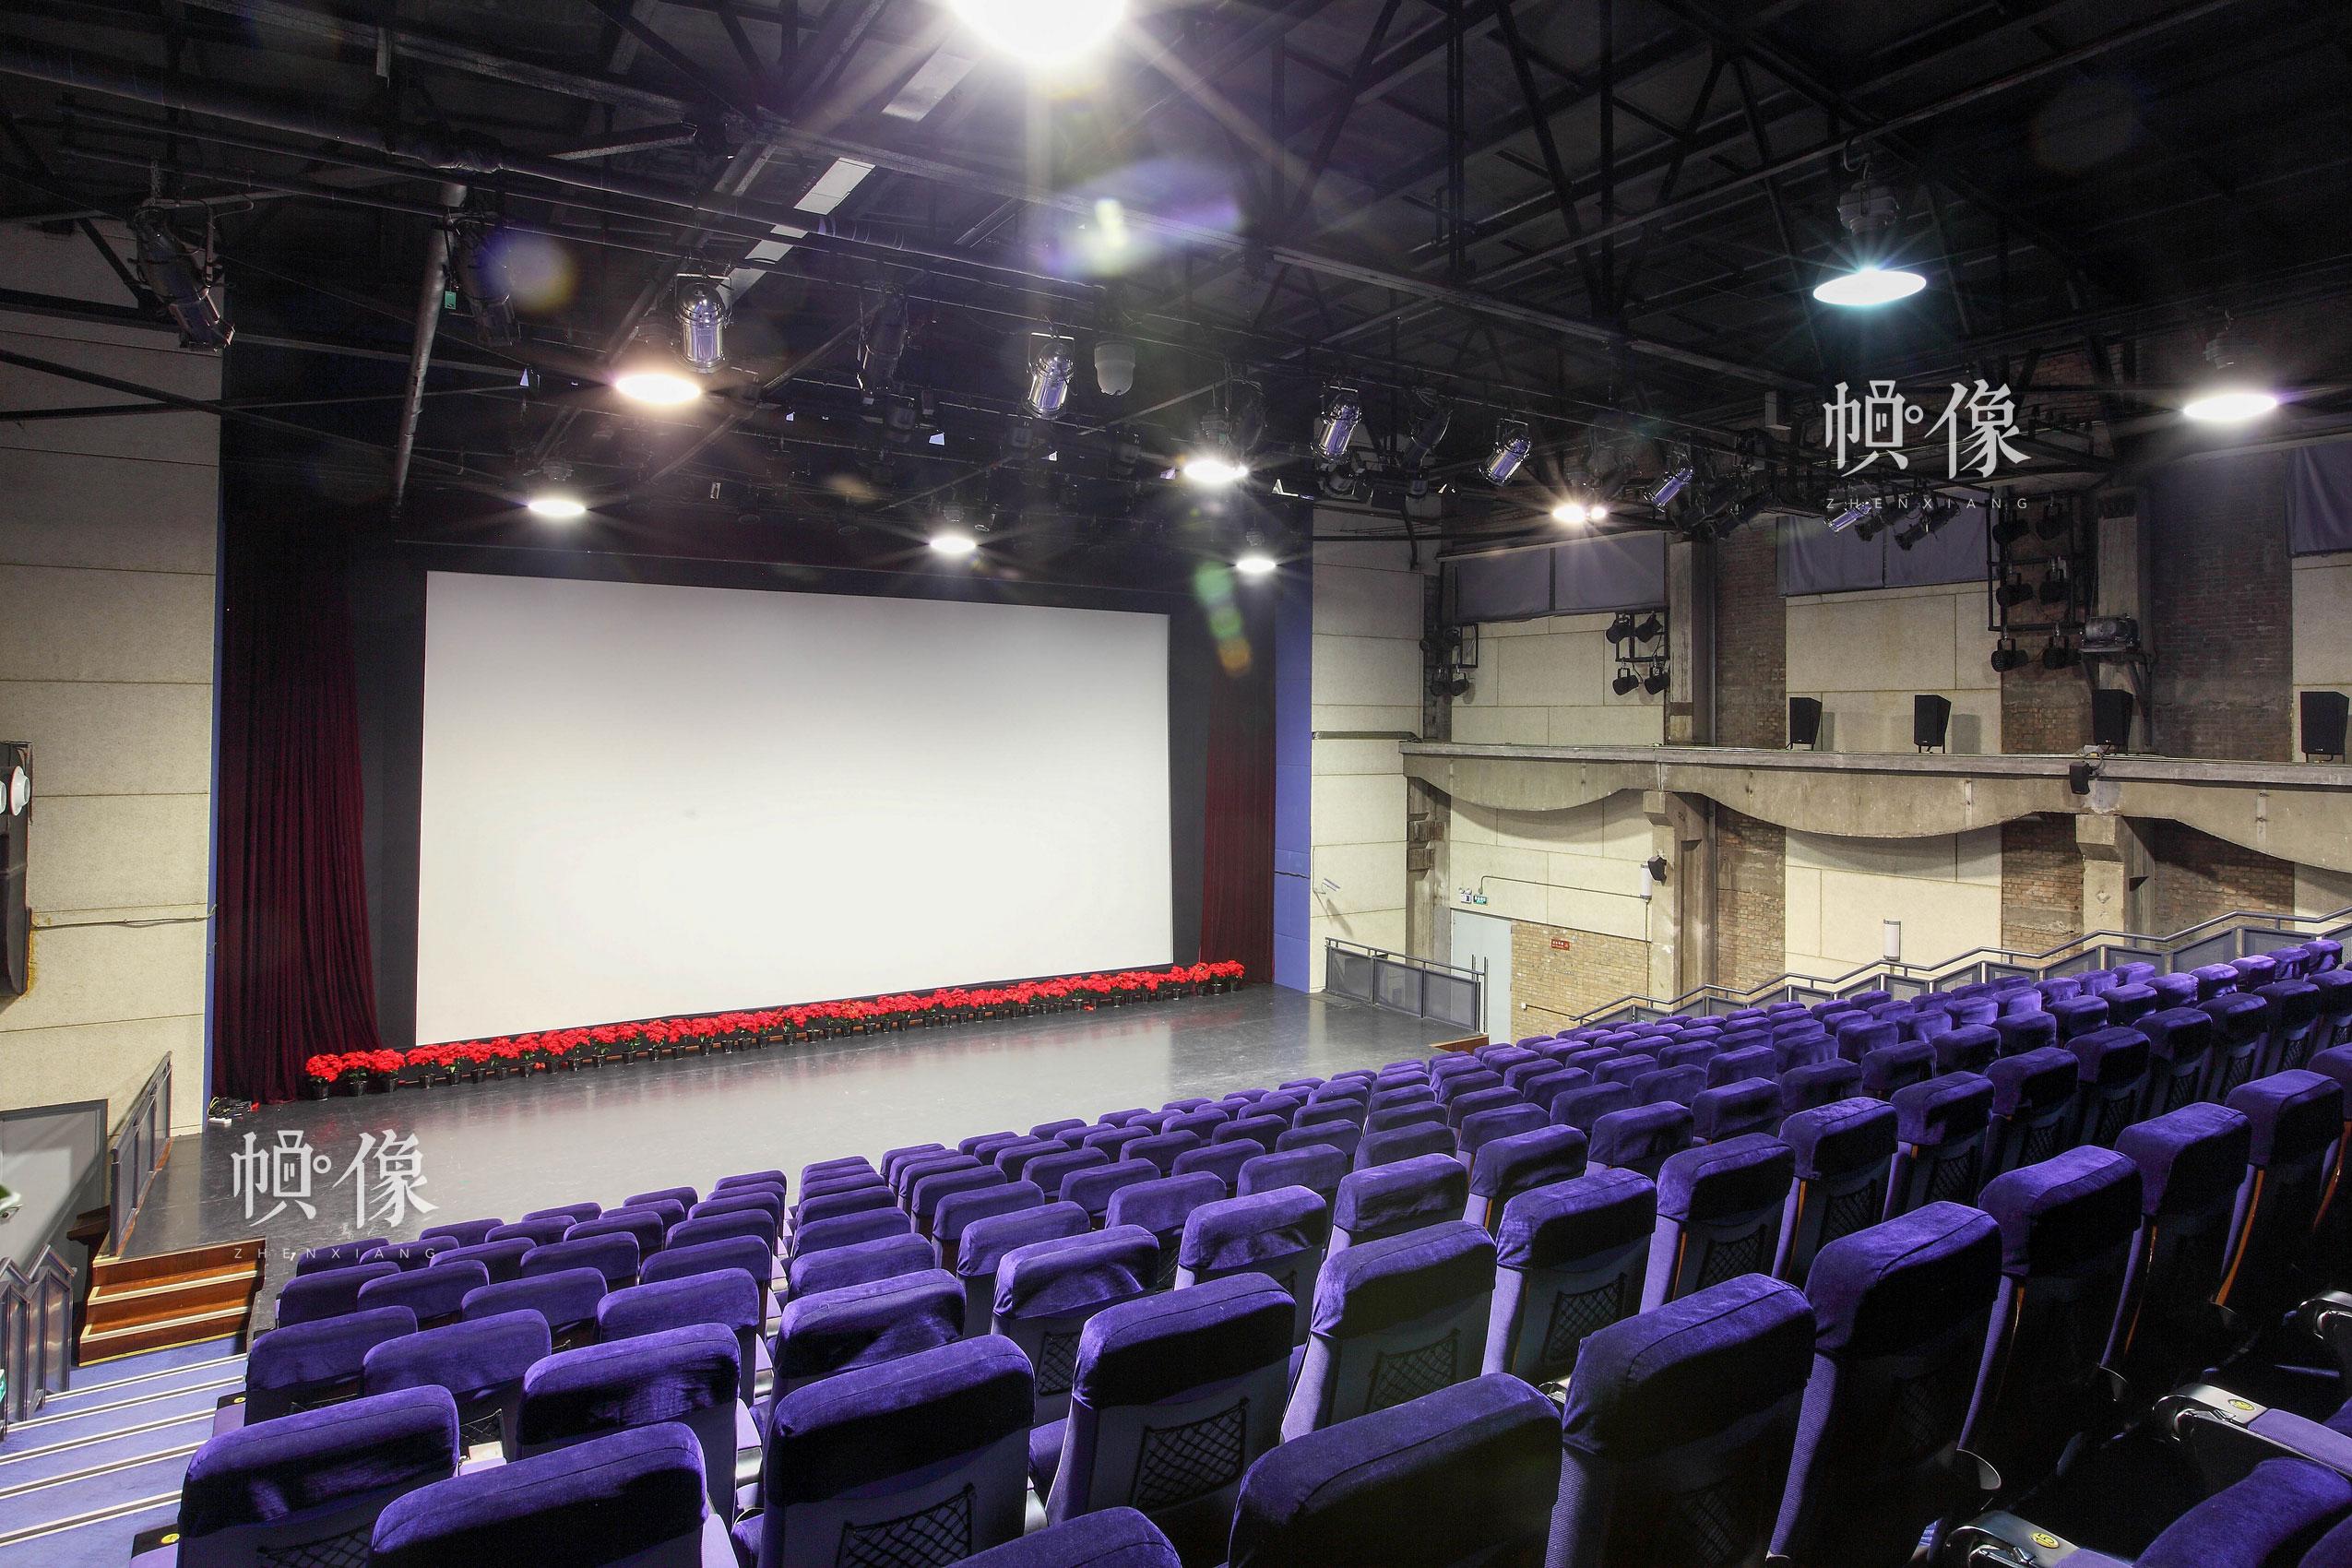 朝阳规划艺术馆3D大剧场,共有205个座位,可提供观看多部影片。朝阳规划艺术馆供图